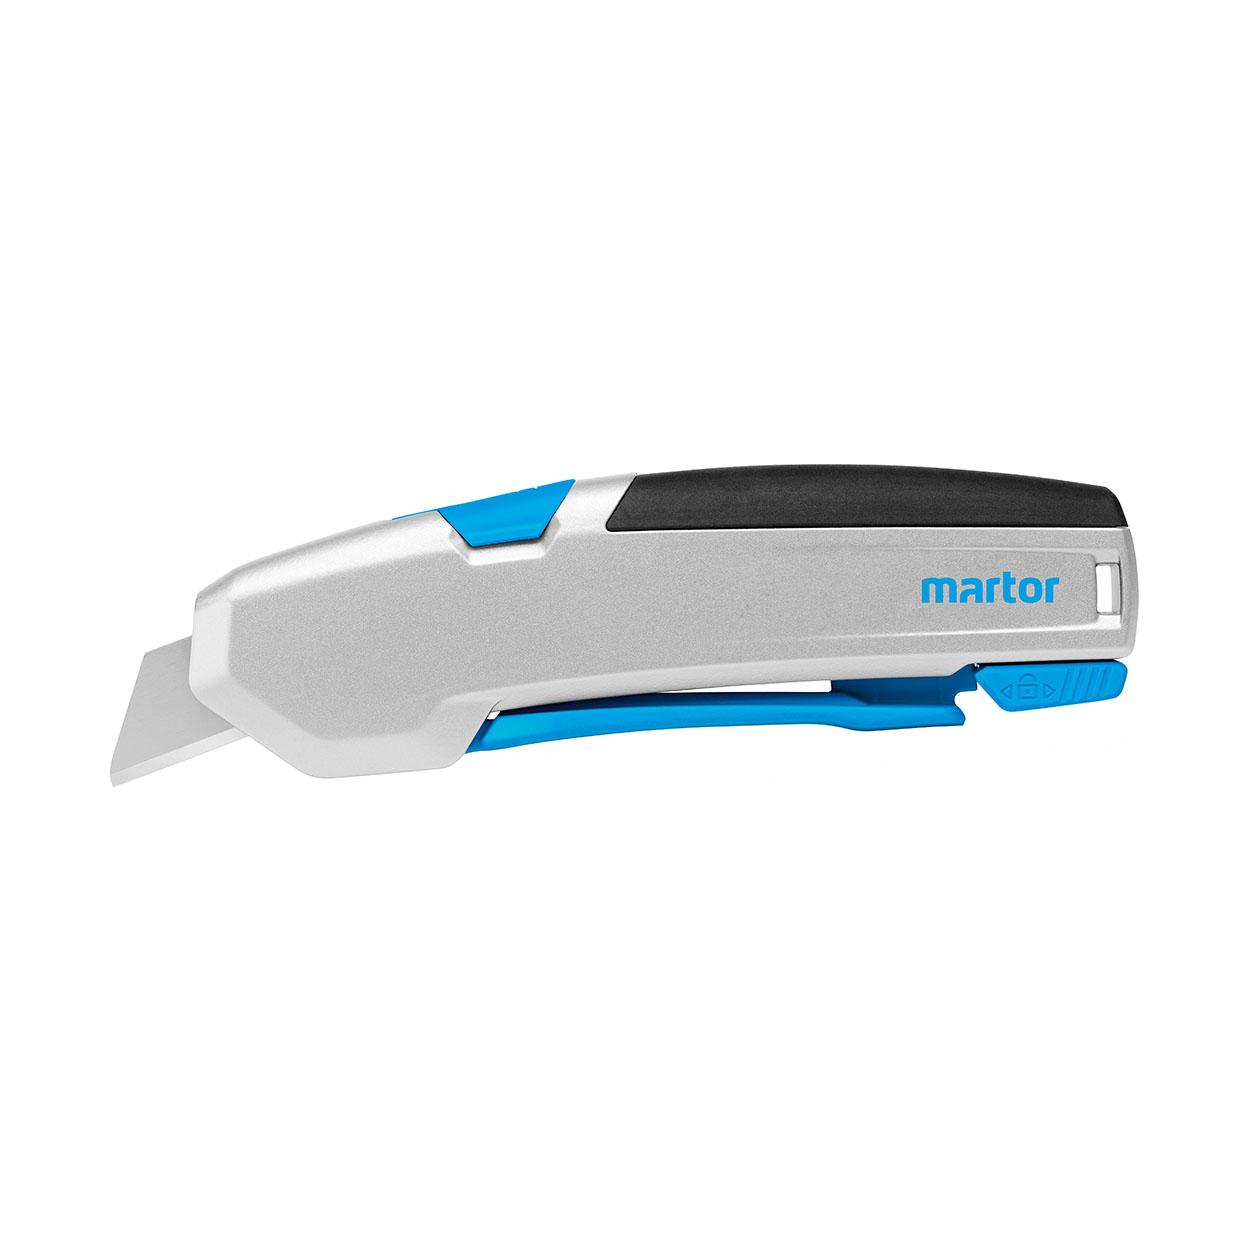 SECUPRO 625 - Bezpečnostní nůž s páčkovým mechanismem